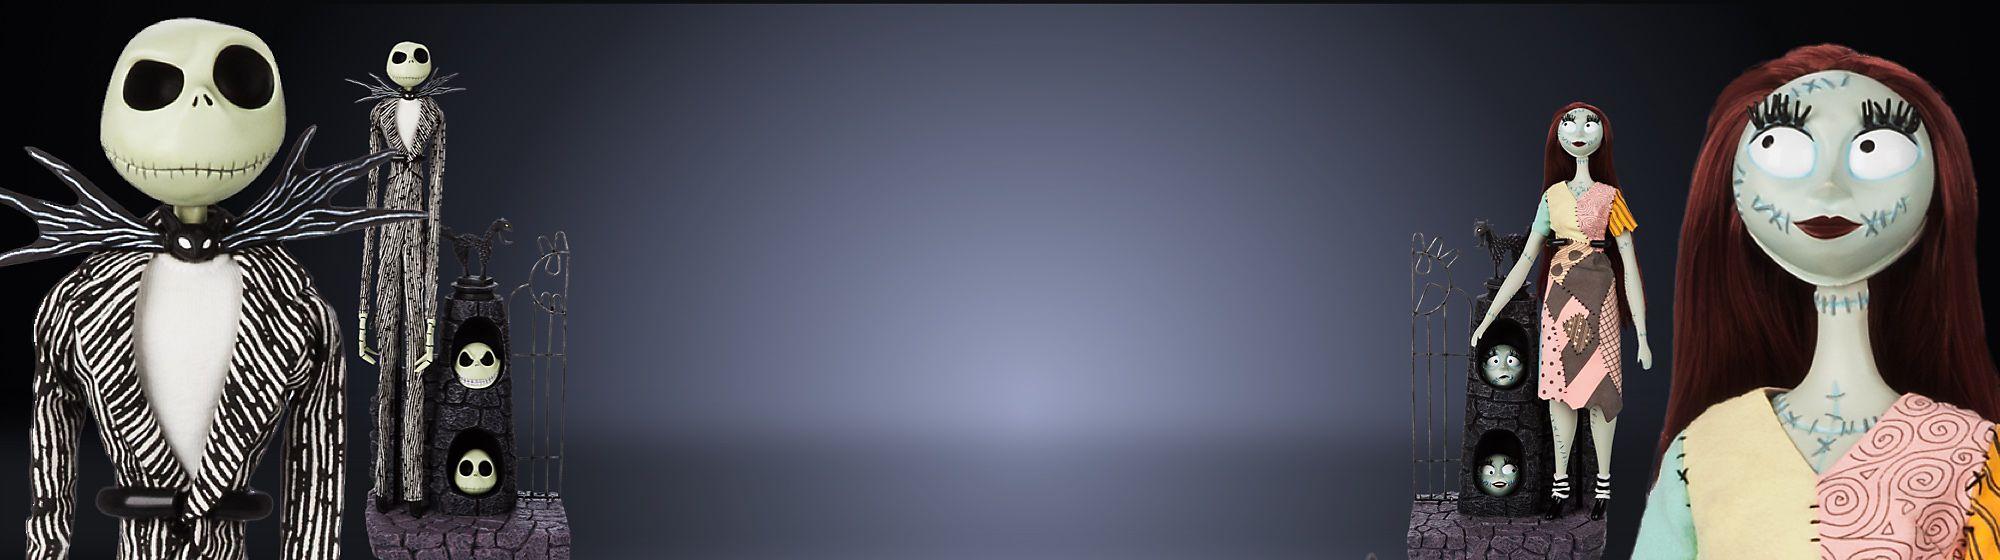 Figuren zum 25. Jubiläum von Nightmare Before Christmas in limitierter Edition Veröffentlichung am 31. Oktober | €180  Weltweite Auflage von 3.000  Online und in ausgewählten Stores | Limitiert auf 1 Exemplar pro Kunde und Haushalt